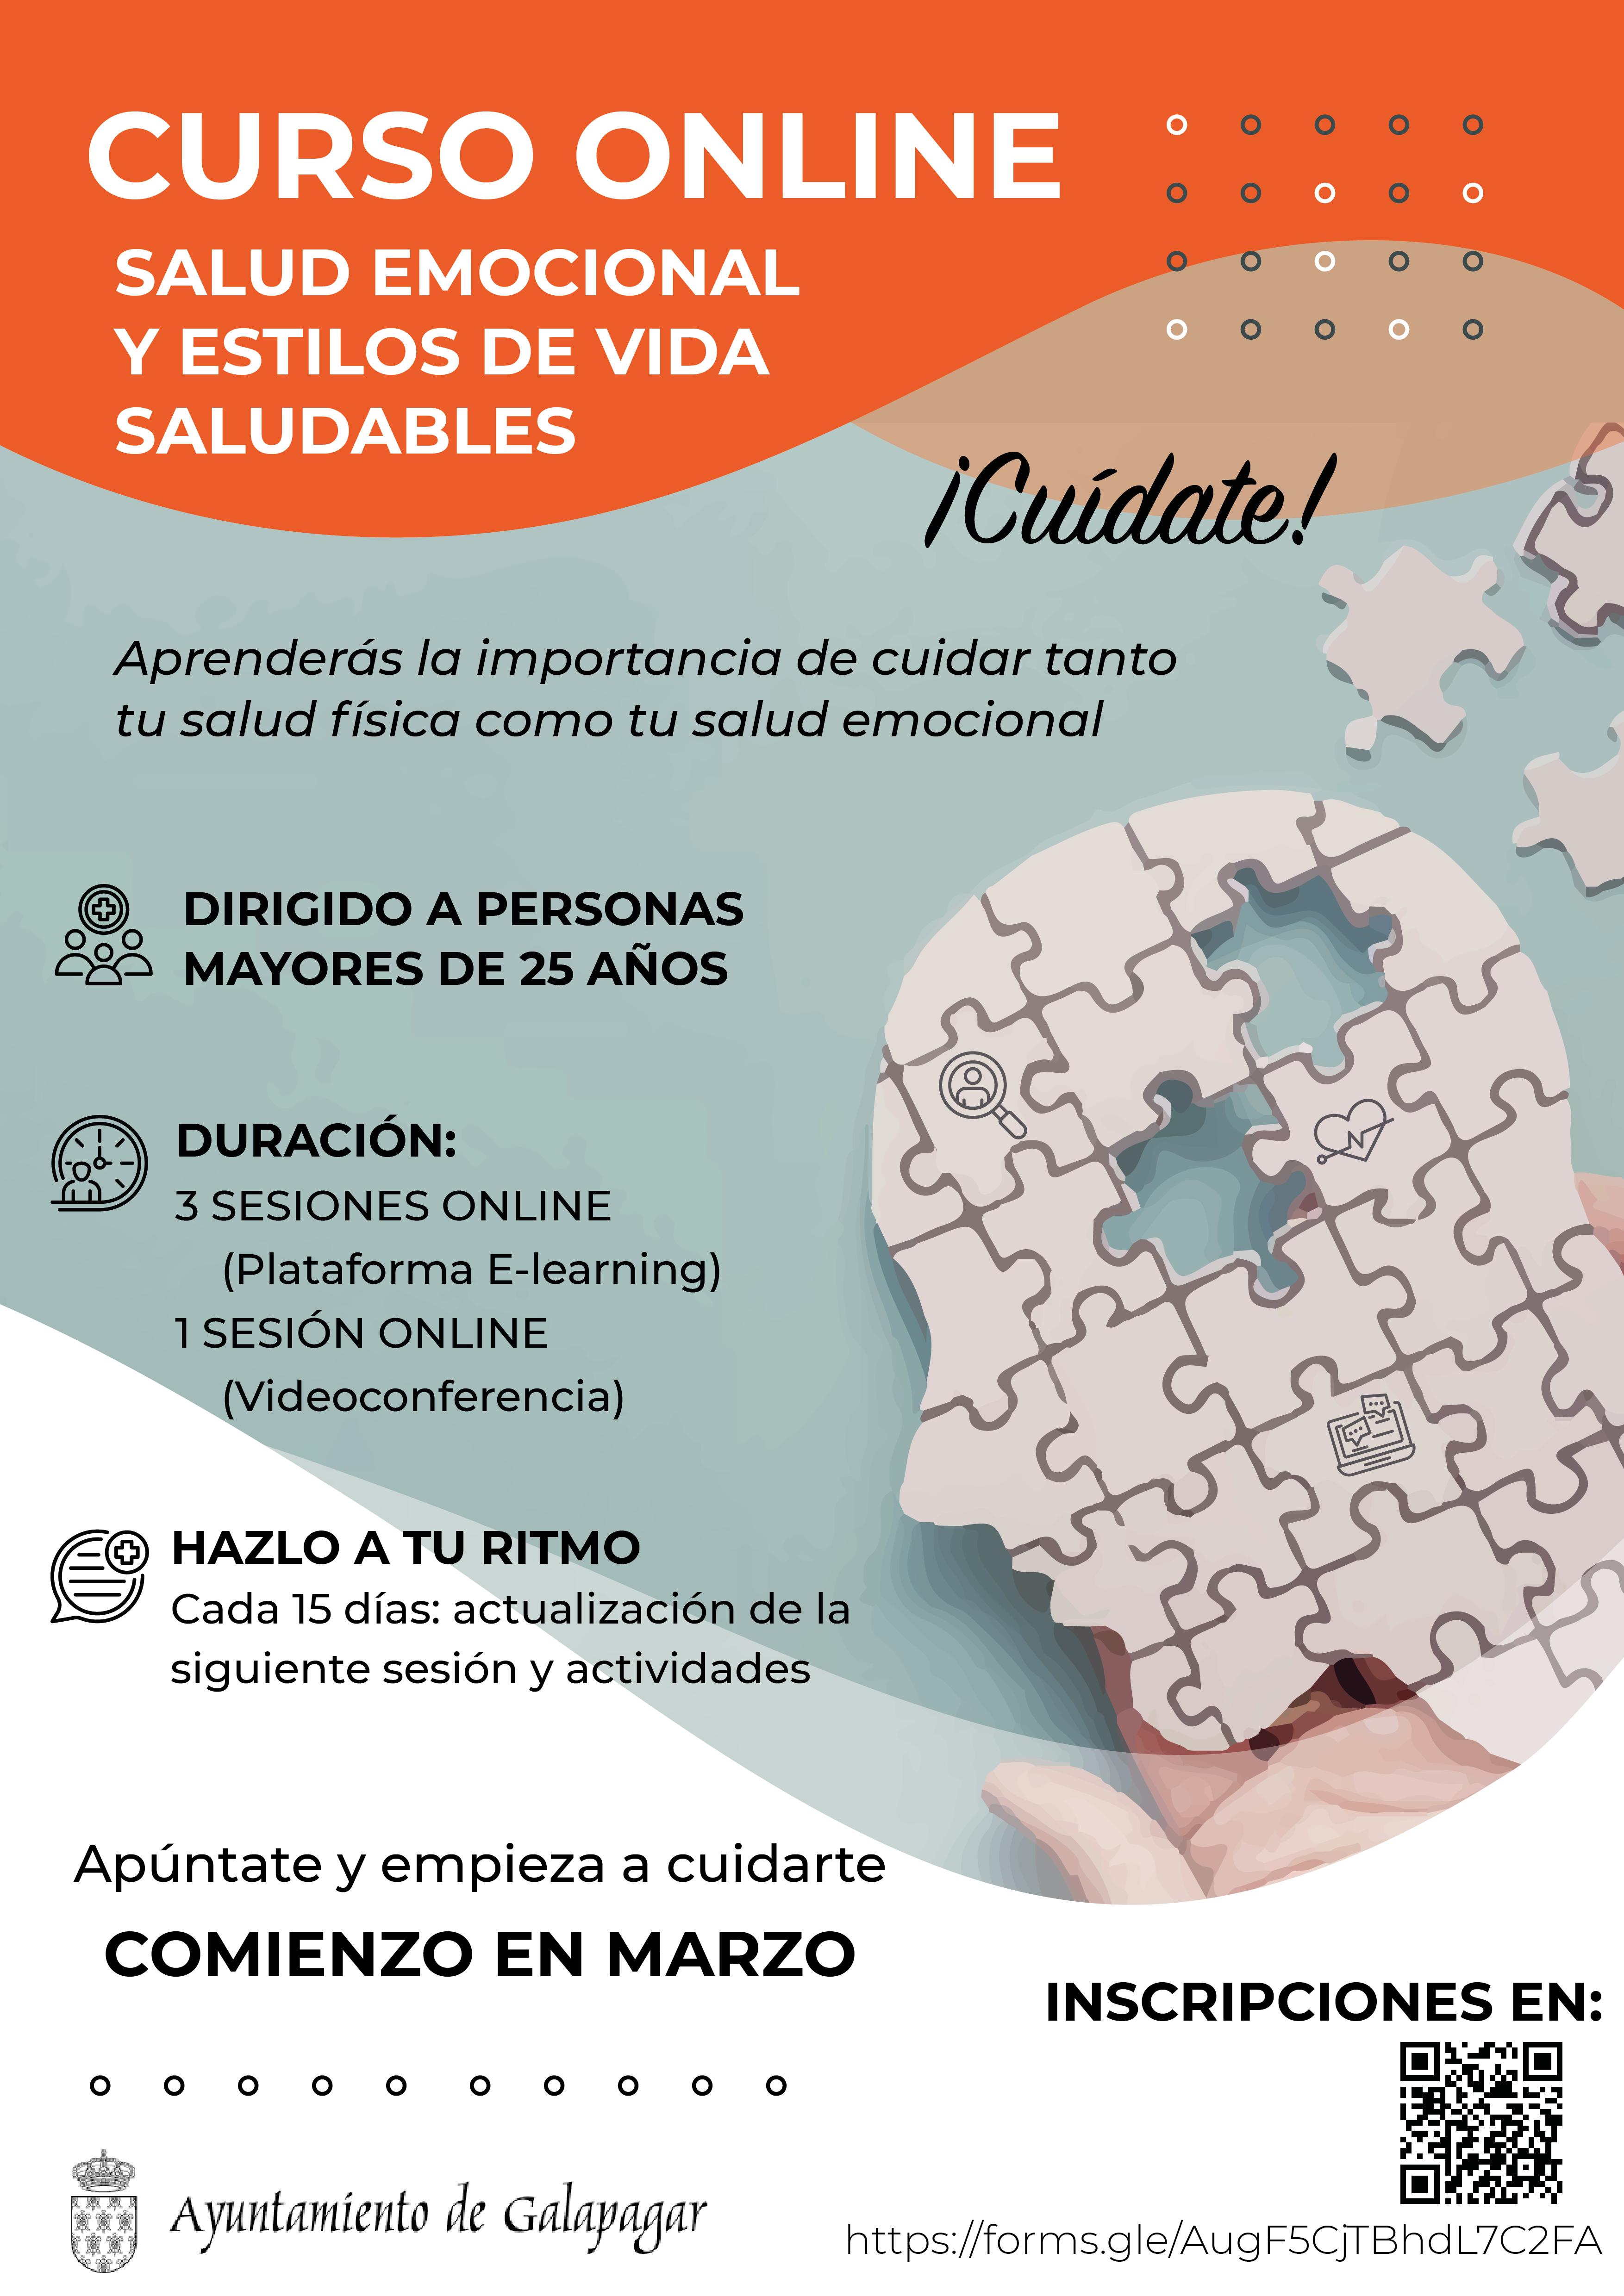 Cartel-Curso-Online-Salud-emocional-y-estilos-de-vida-saludable-Galapagar2-01